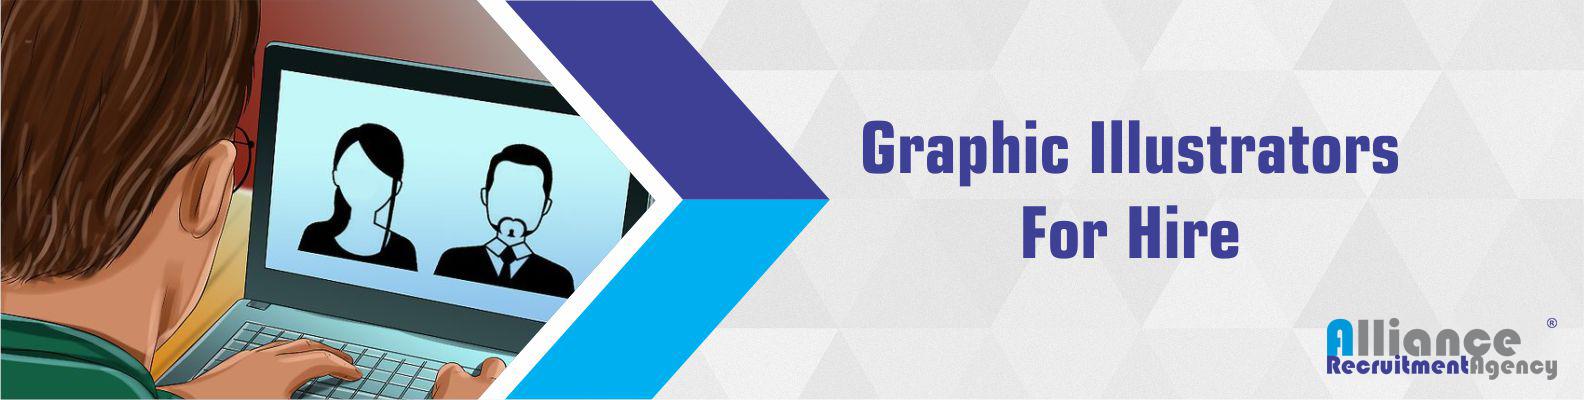 Graphic Illustrators For Hire